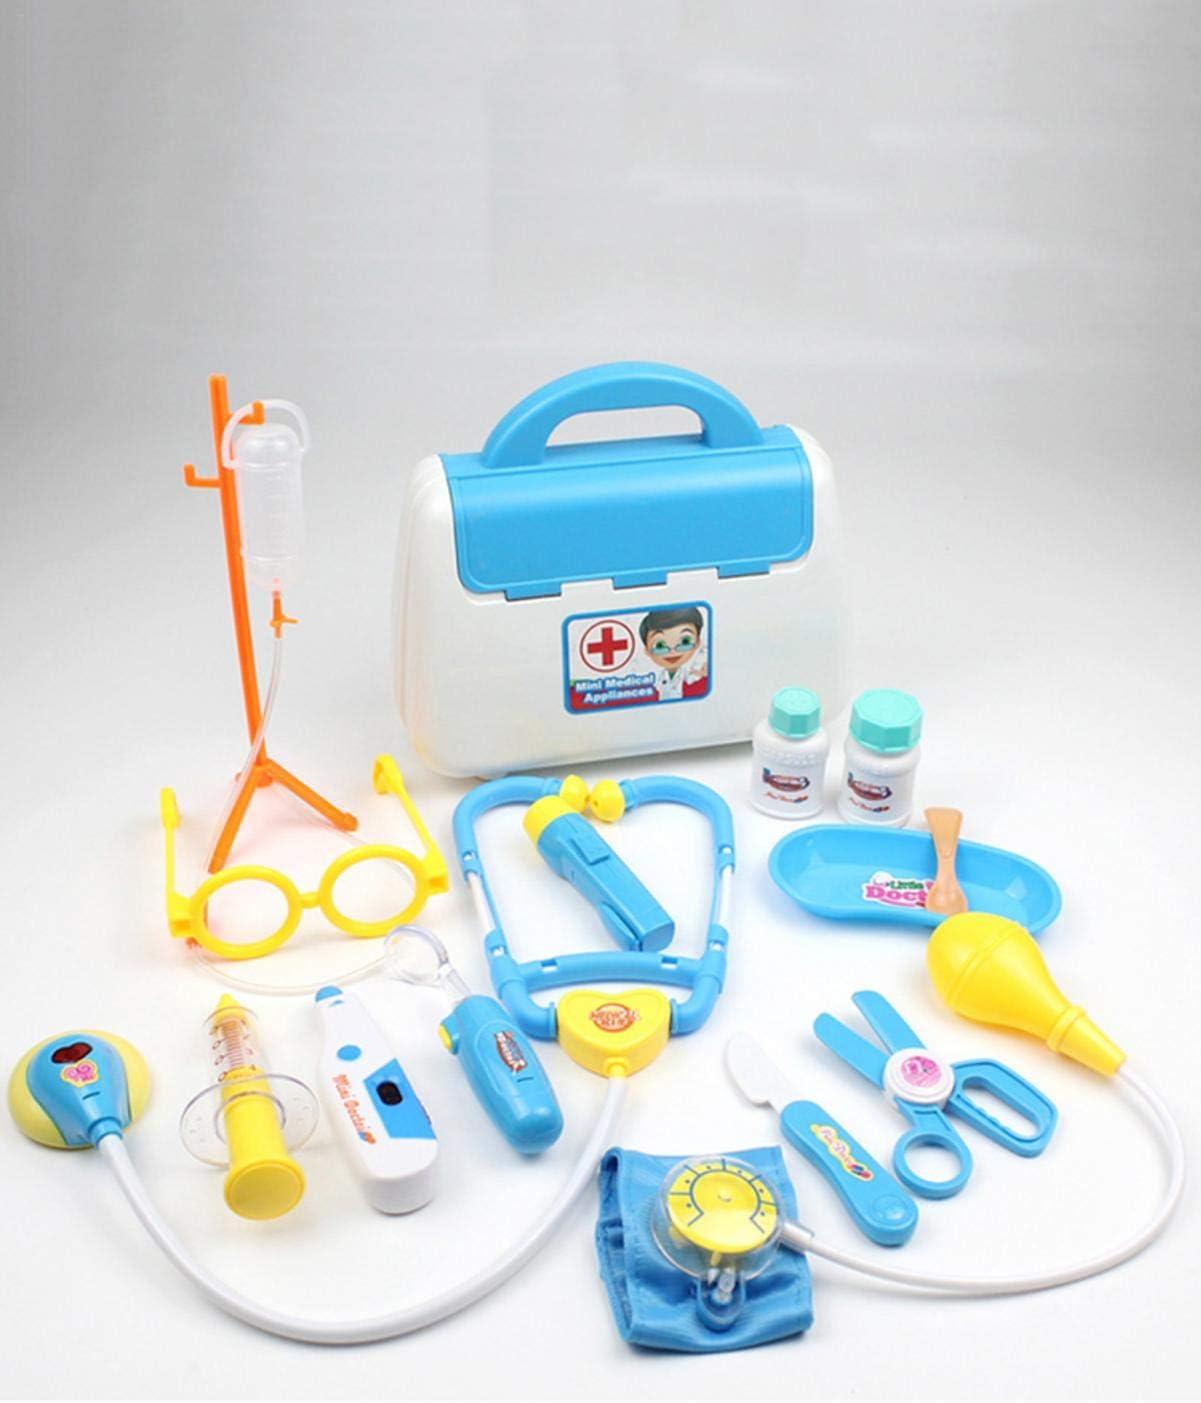 Malette Valise Docteur Enfant Jouet Jouets Pour Enfants Kit De M/édecin Dentiste Outils De Jeu De R/ôle M/édical Pour Enfants Cadeaux De Vacances De No/ël